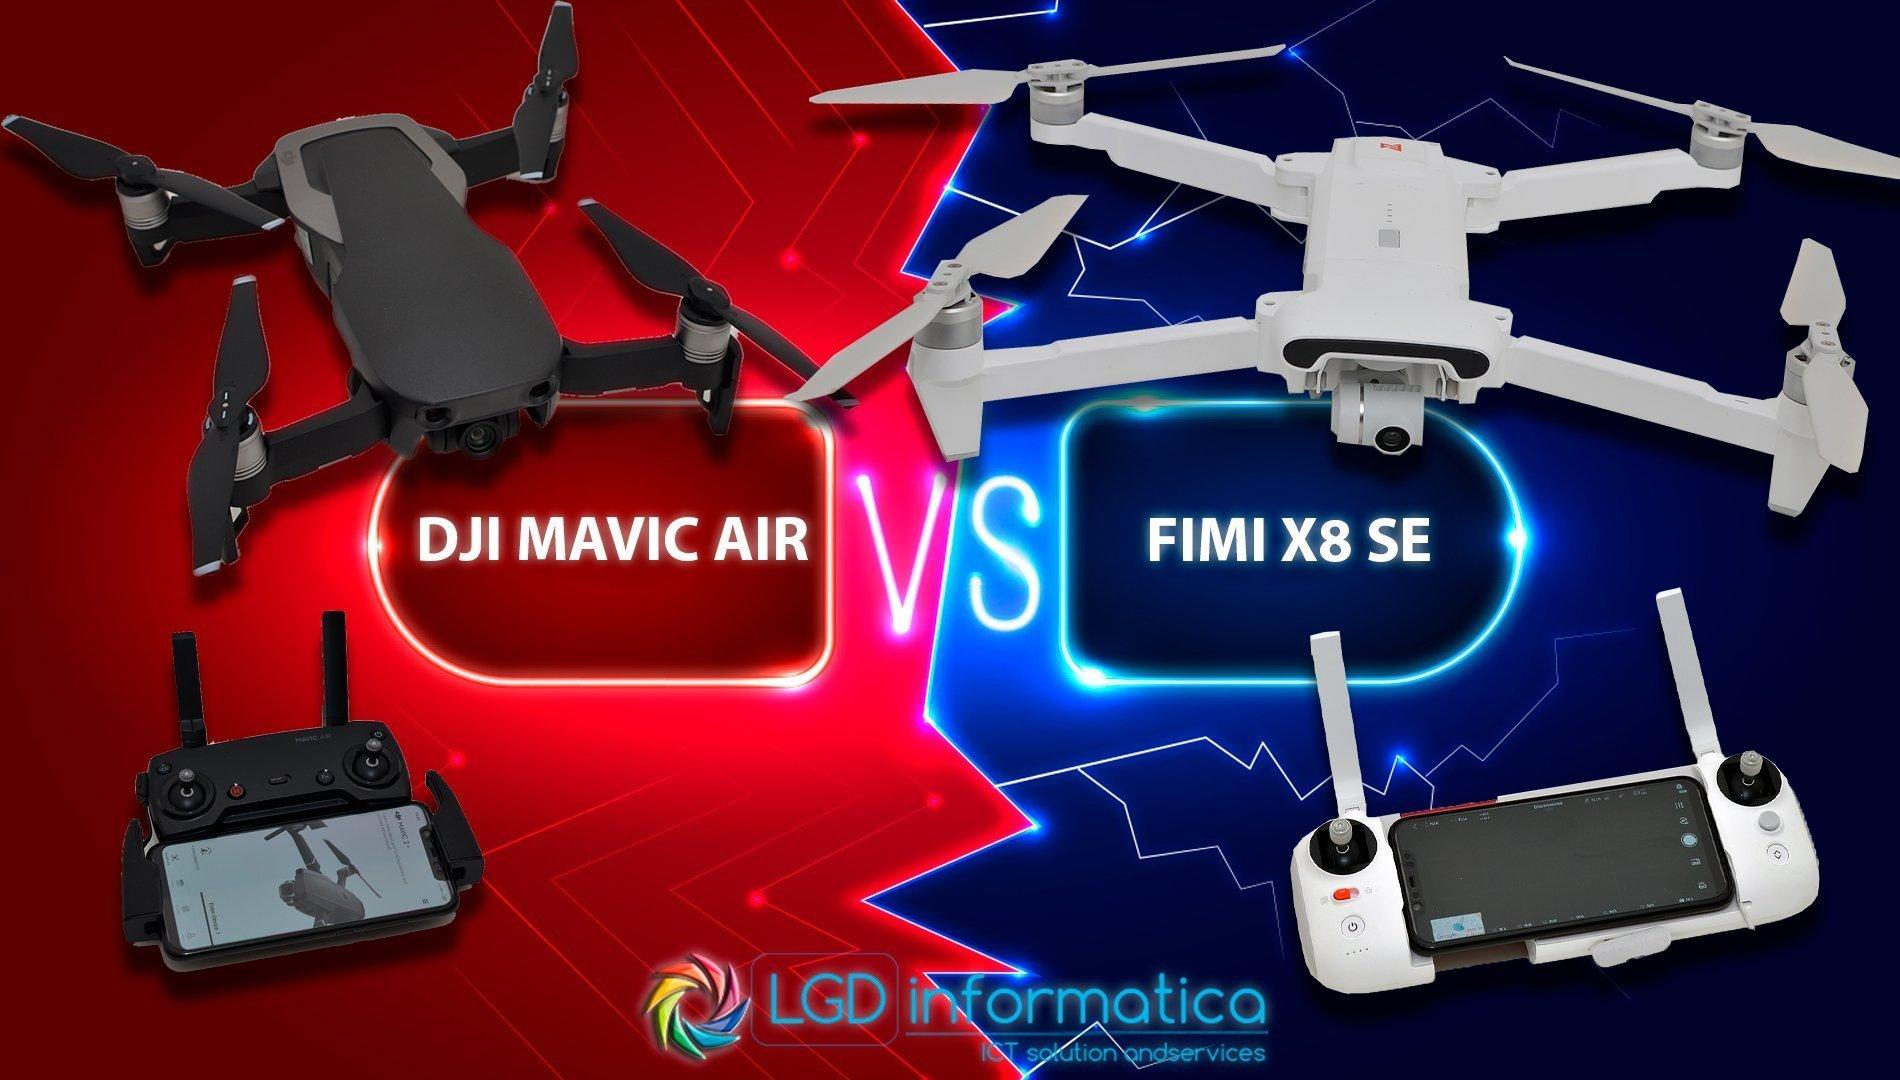 Xiaomi Fimi X8 SE vs DJI Mavic Air